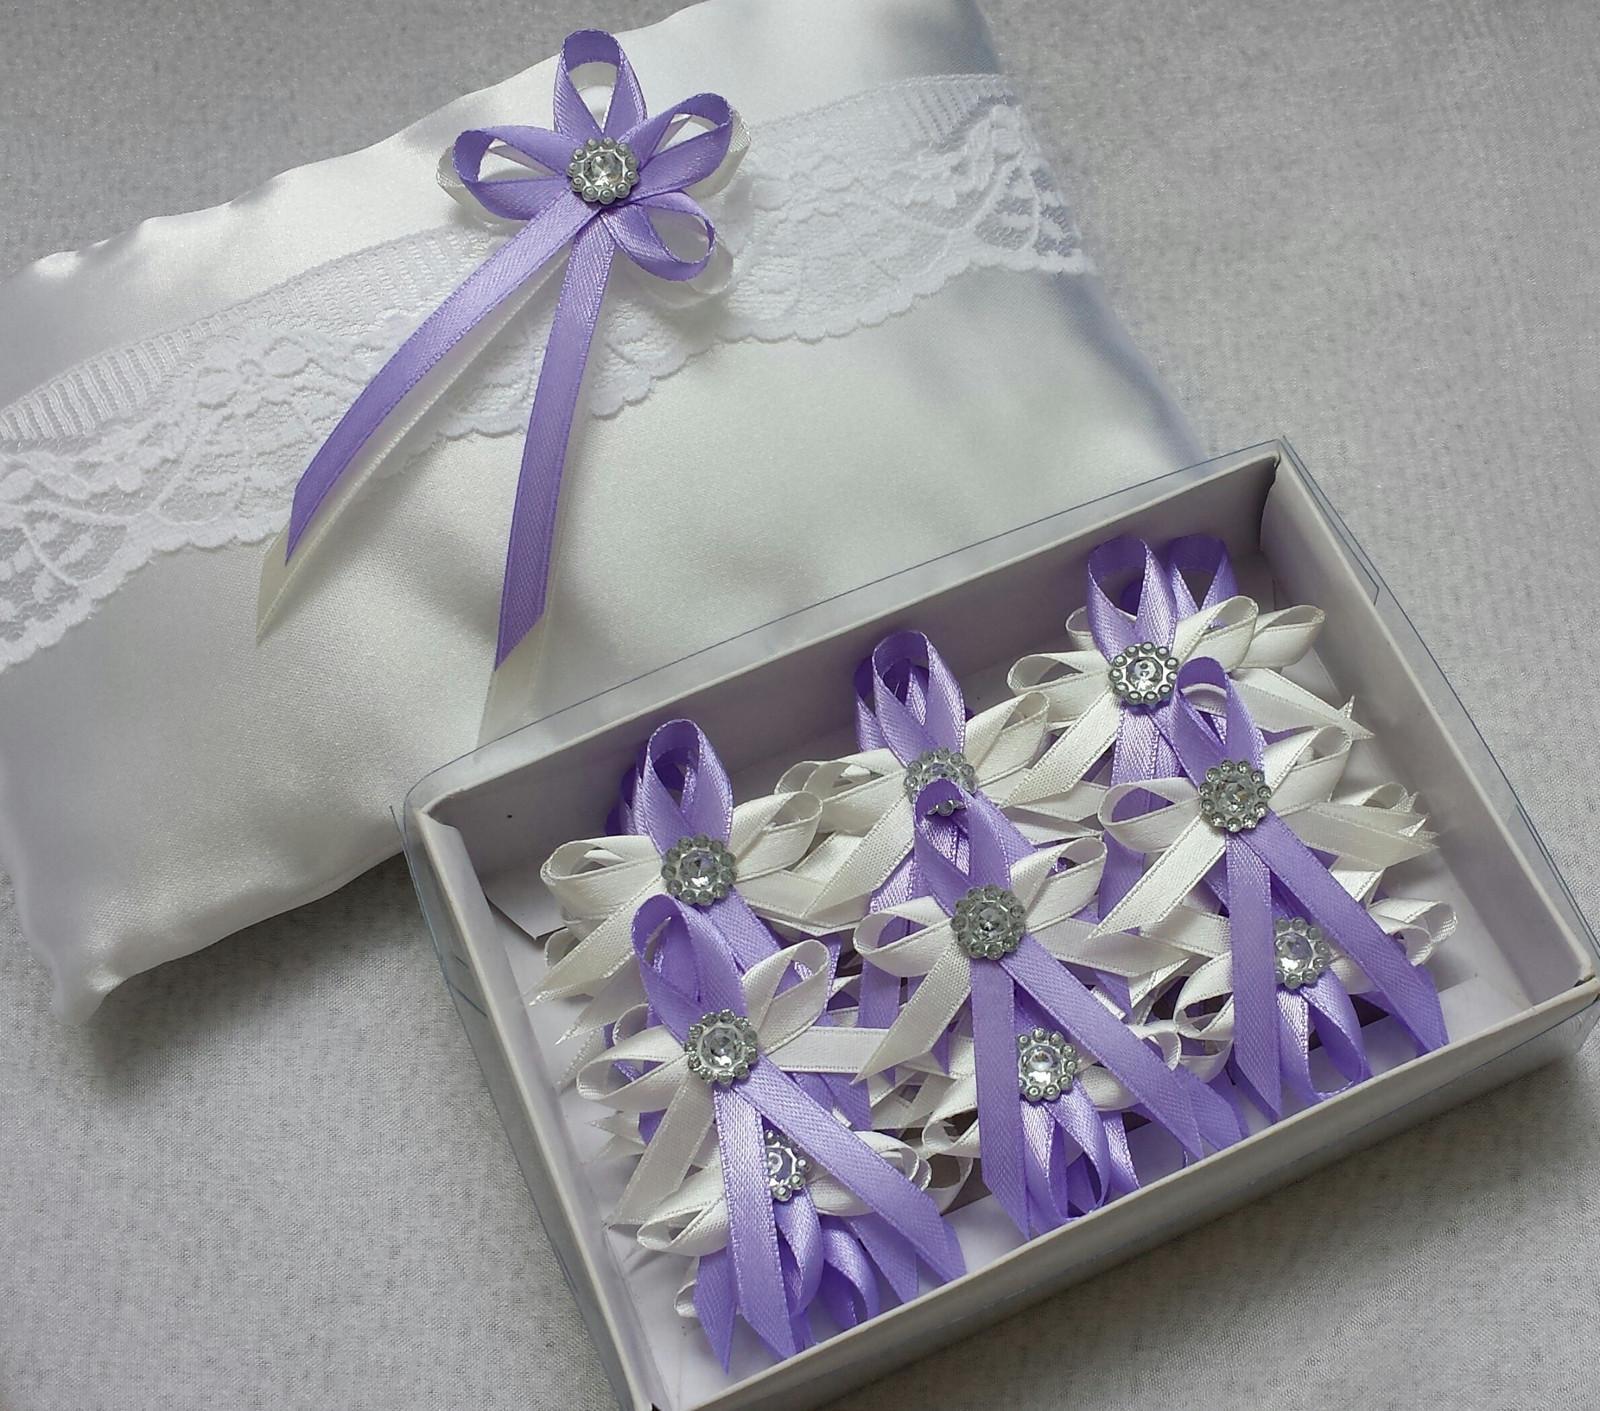 Luxusni ivory polštářek s lila kanzashi a krajkou - Obrázek č. 2